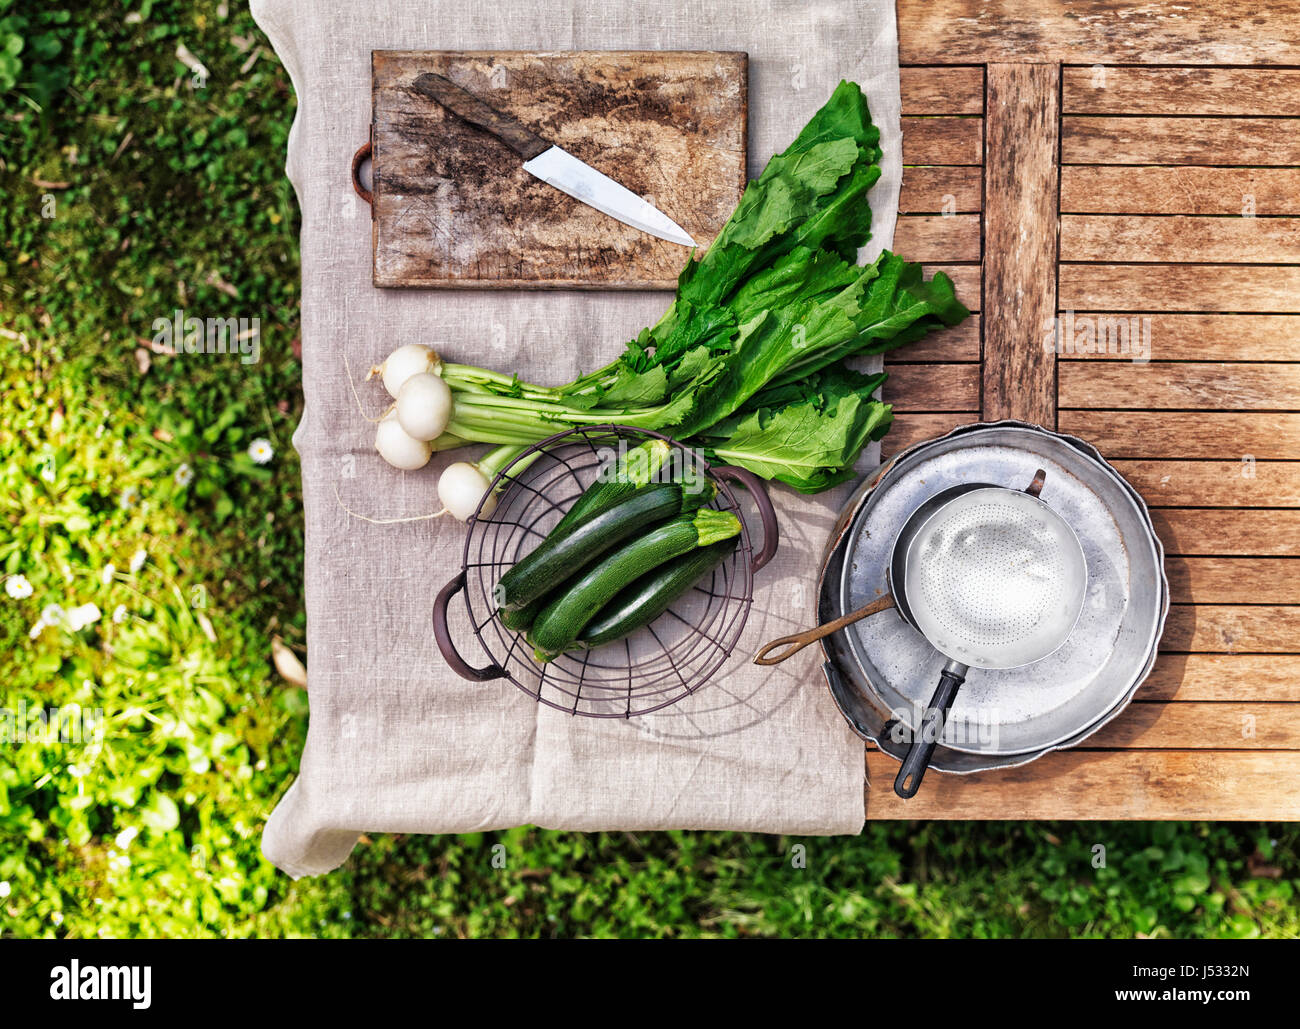 La rabiole et courgettes sur une table dans le jardin Photo Stock